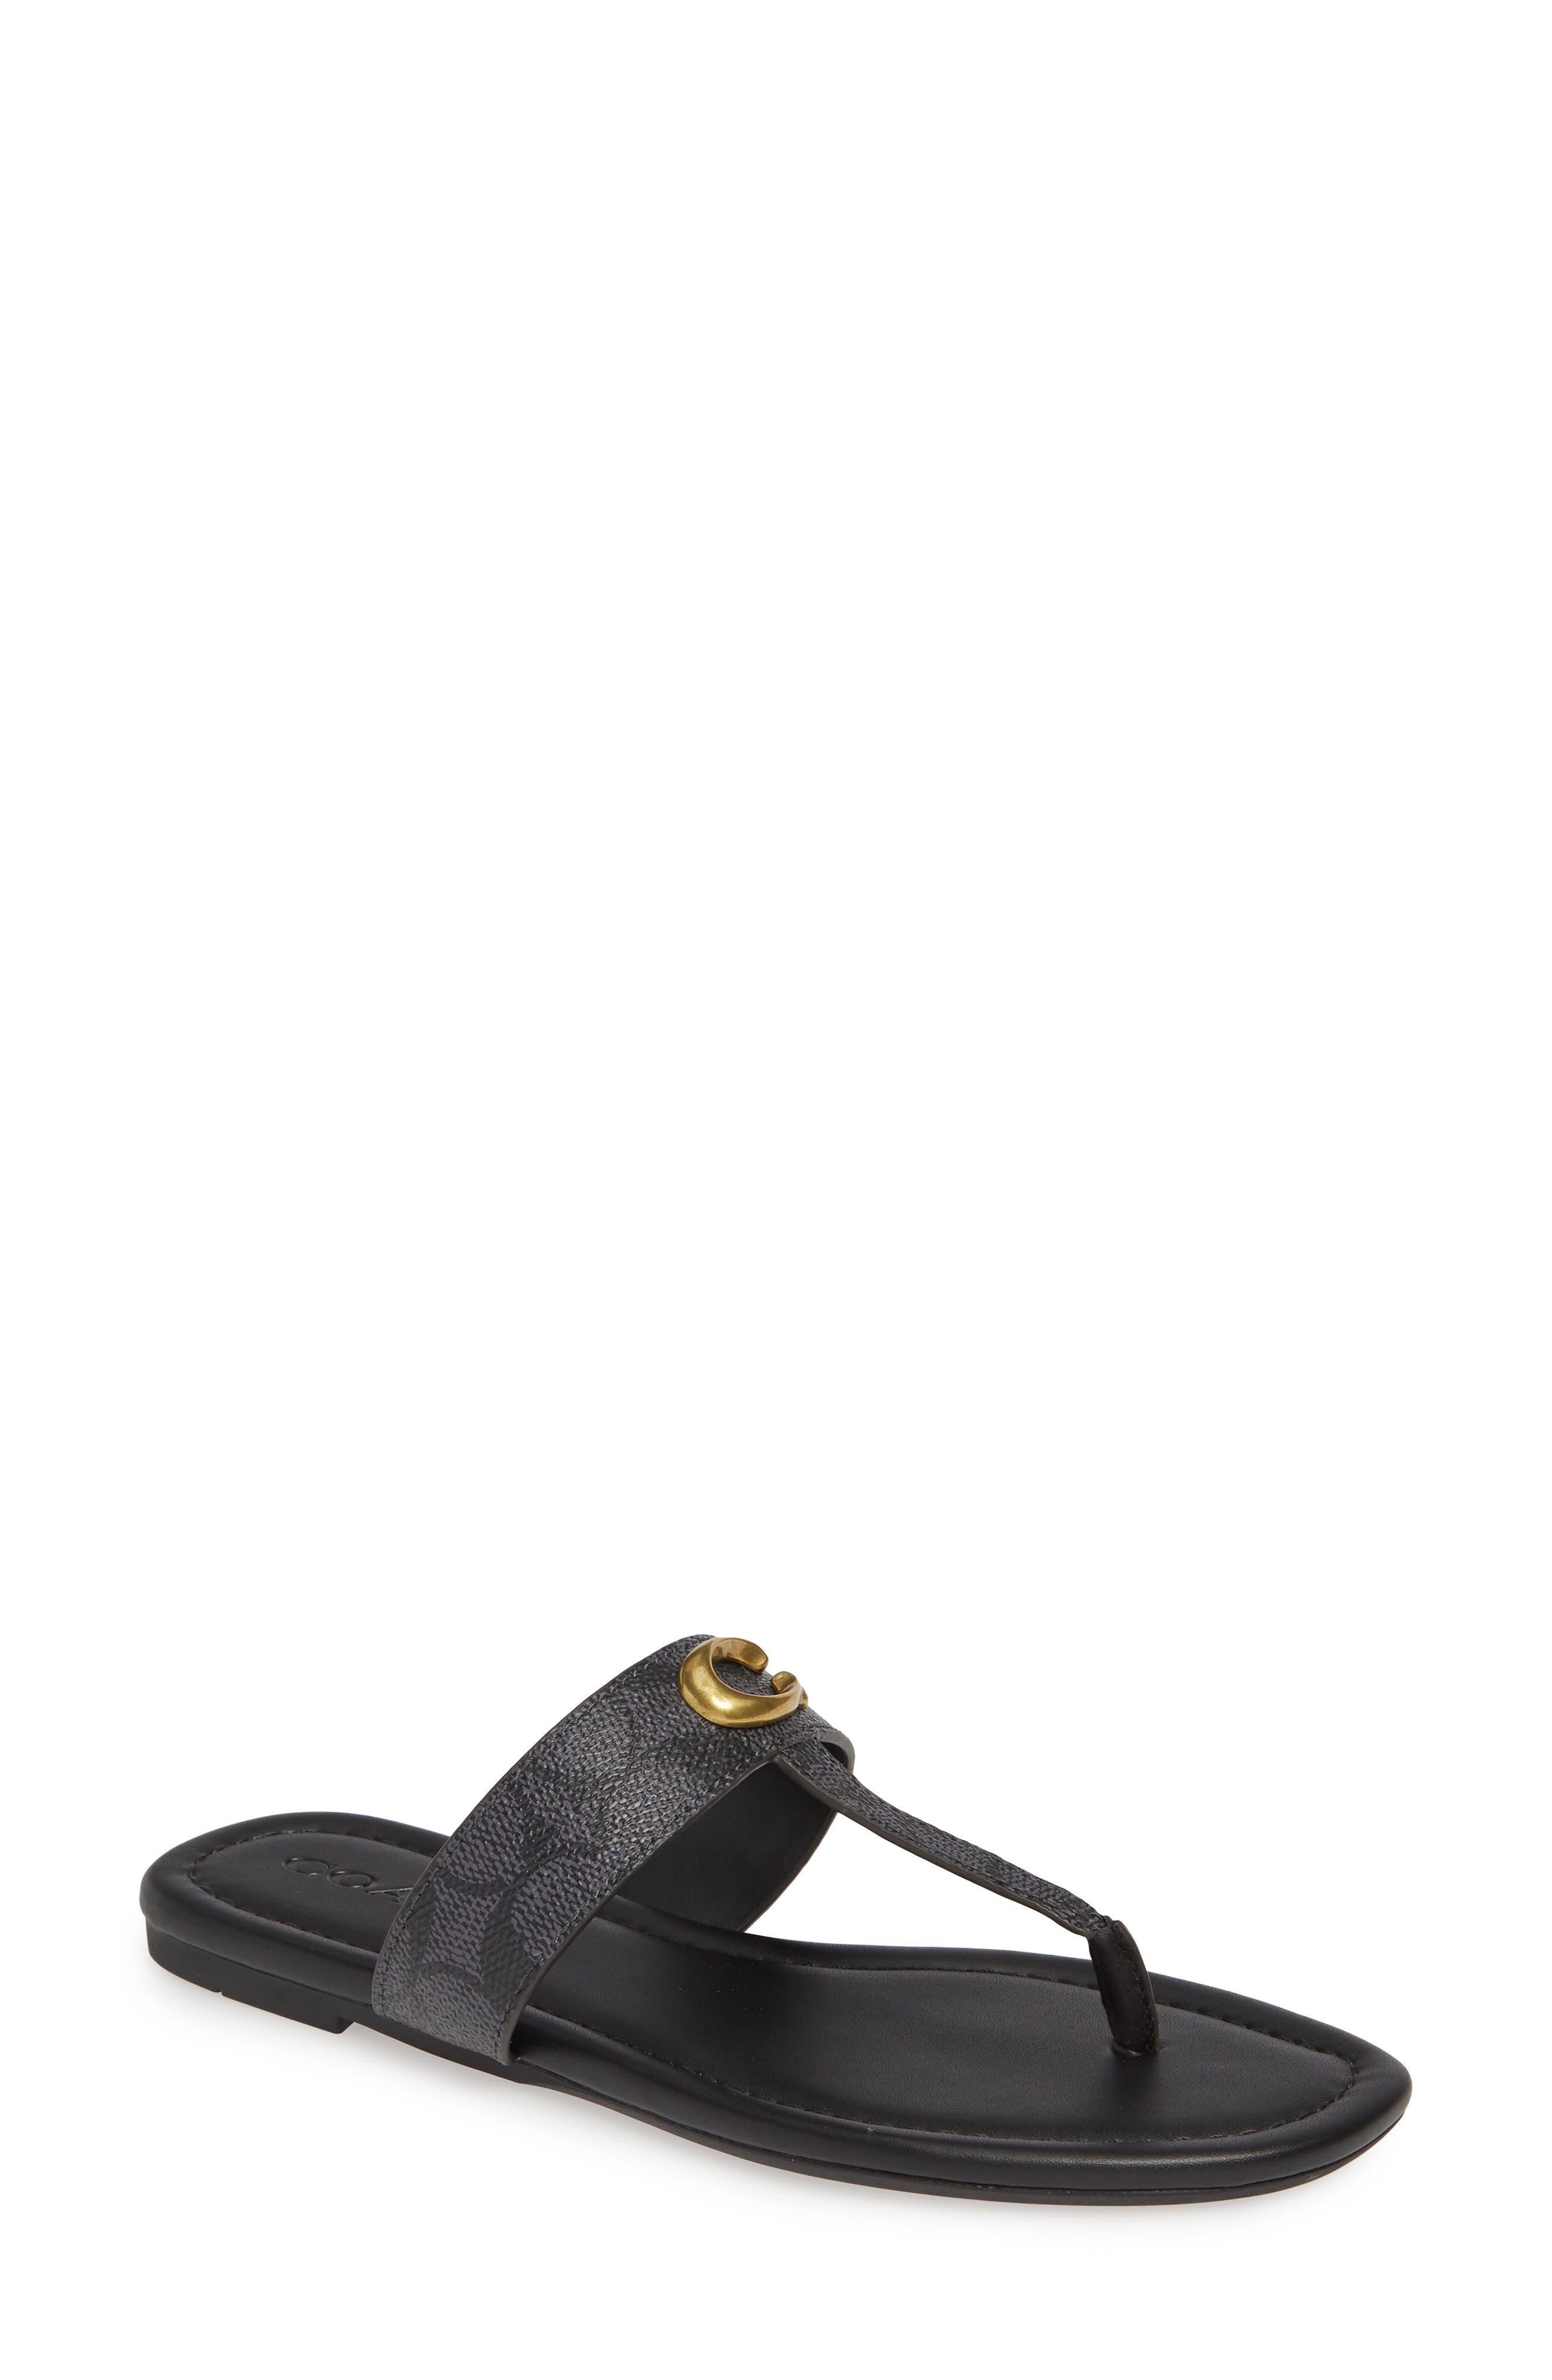 COACH Jessie Flip Flop, Main, color, CHARCOAL/ BLACK CANVAS